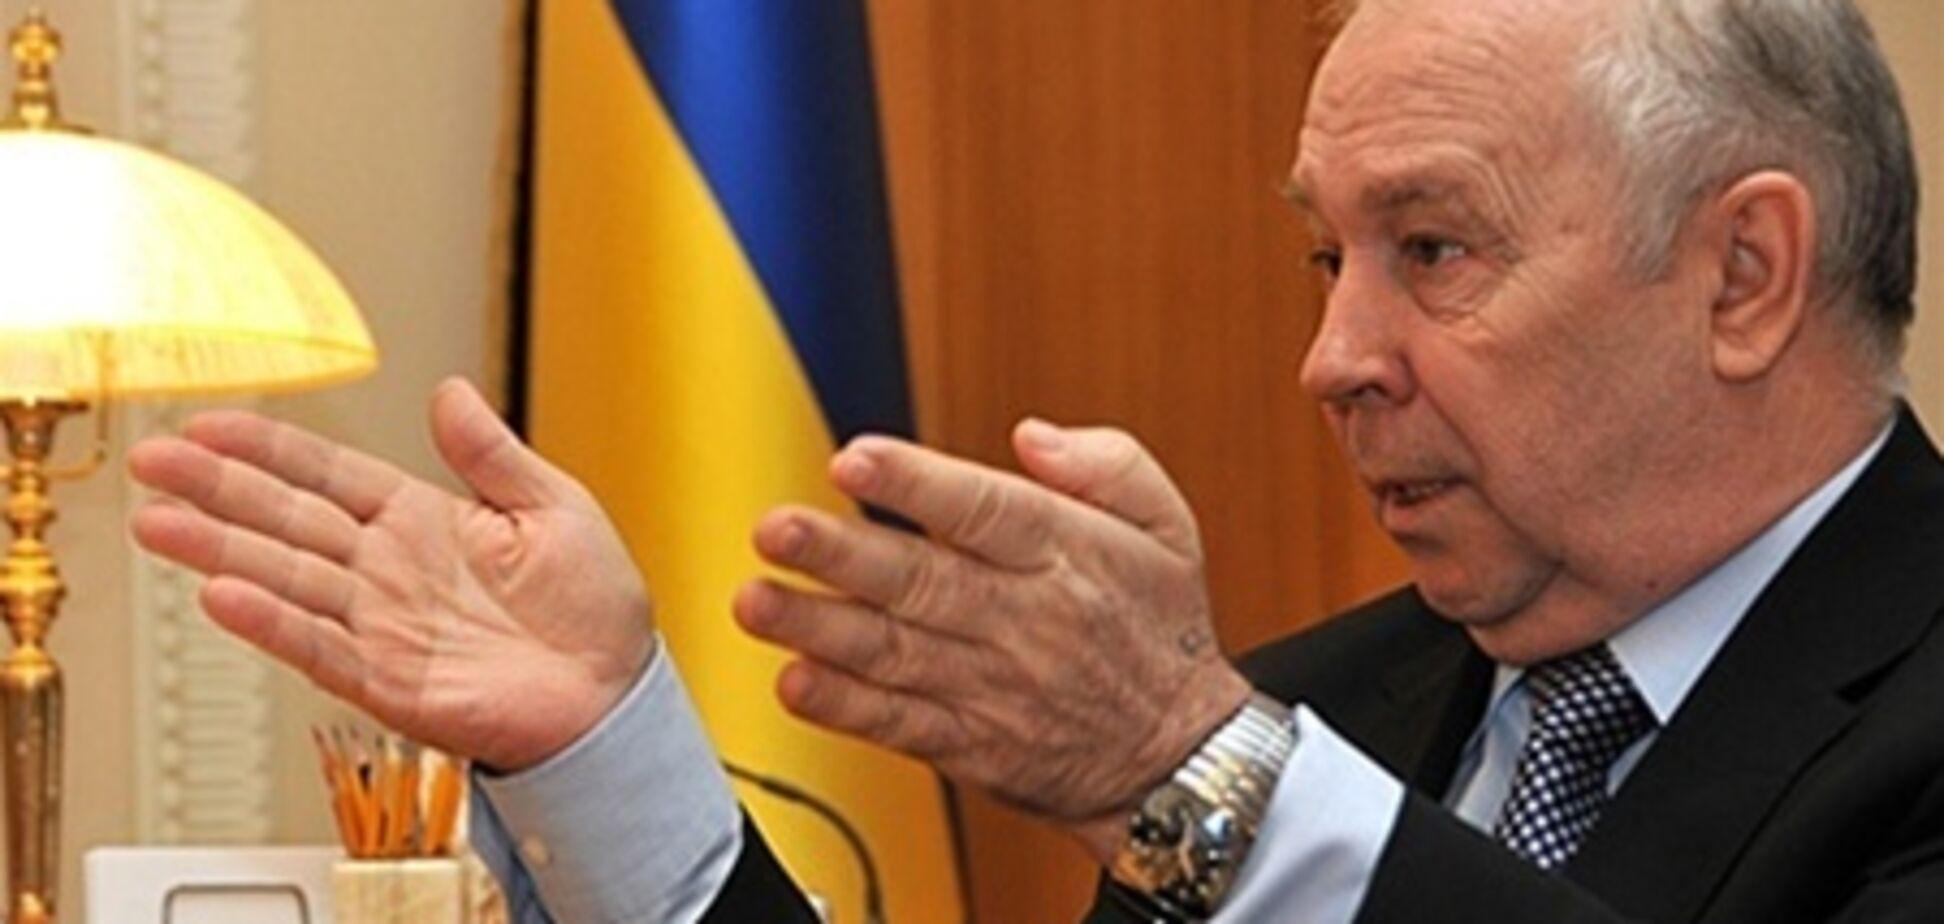 Рыбак: выборы в Киеве пройдут согласно решению КС